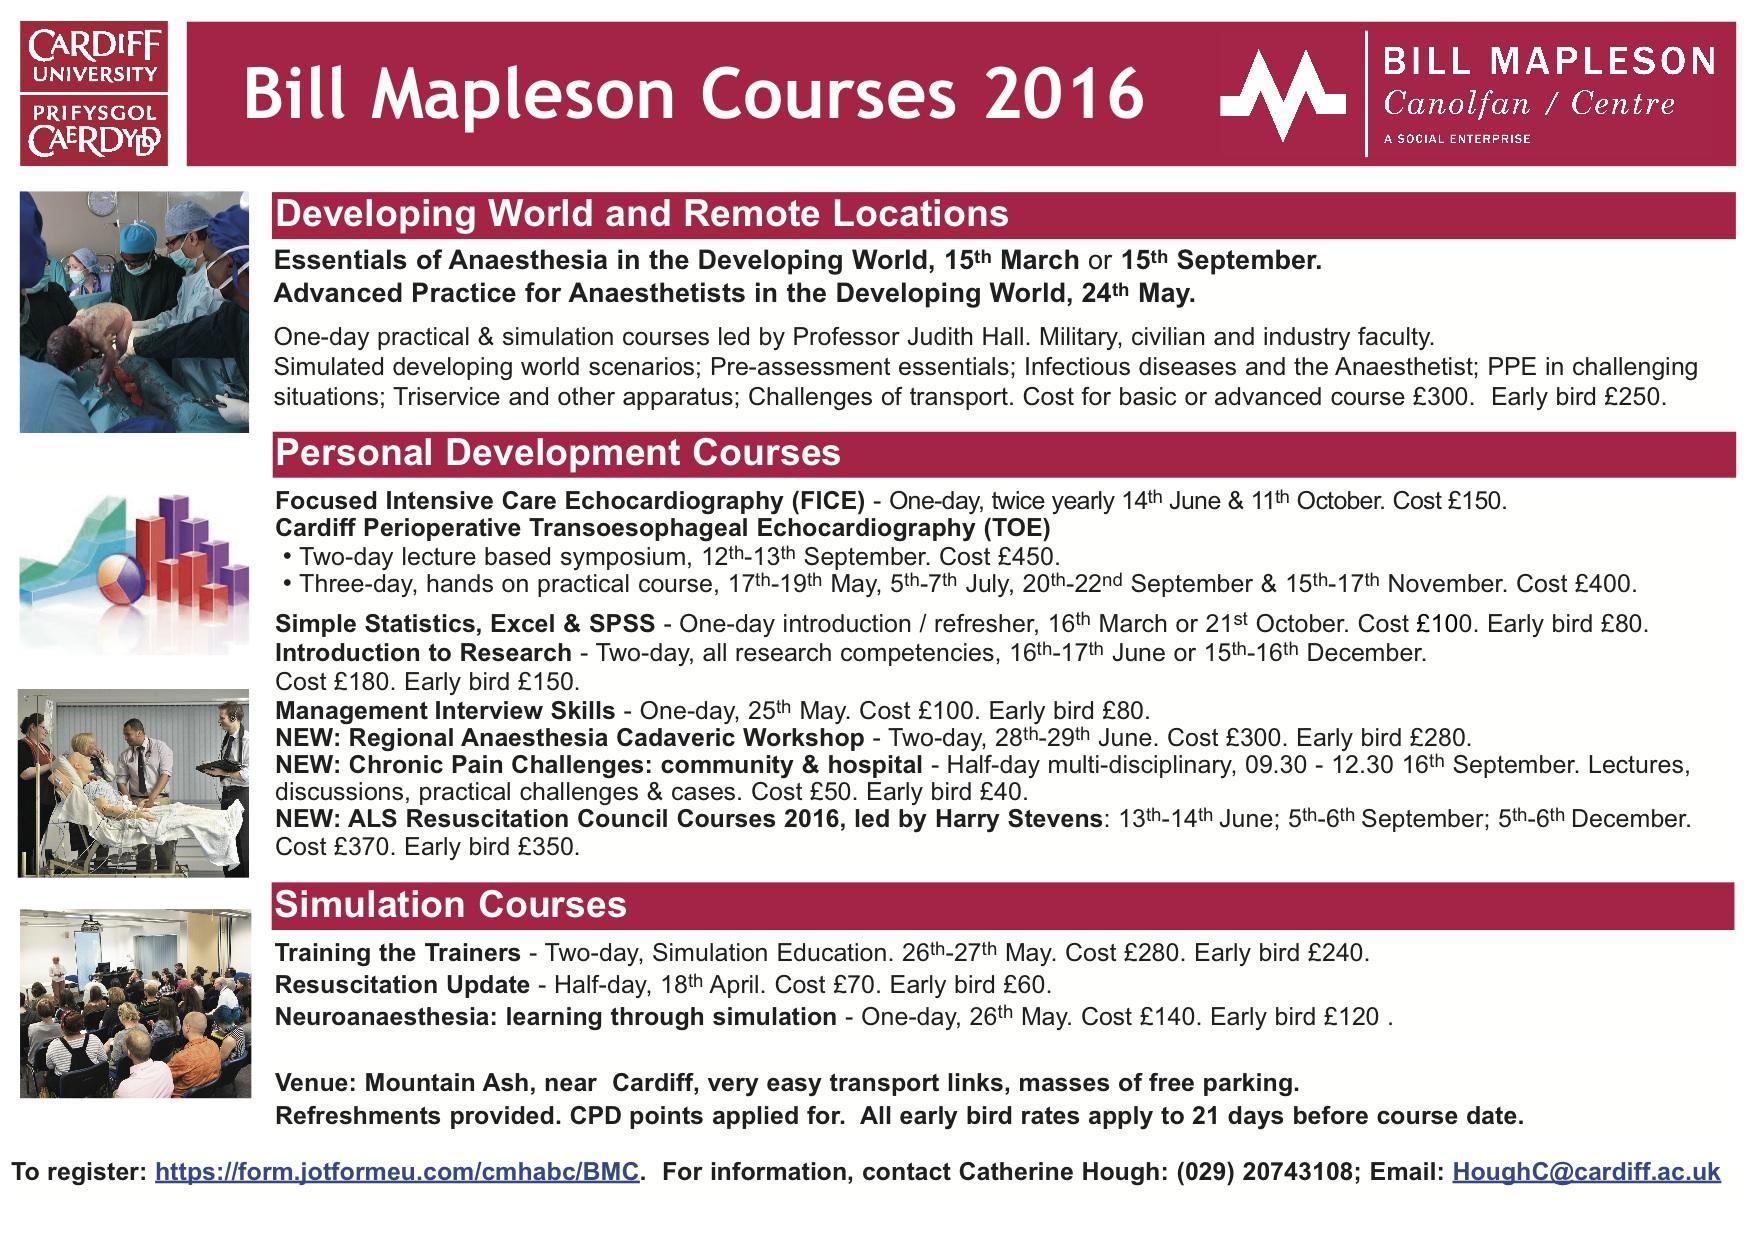 Bill Mapleson Courses 2016